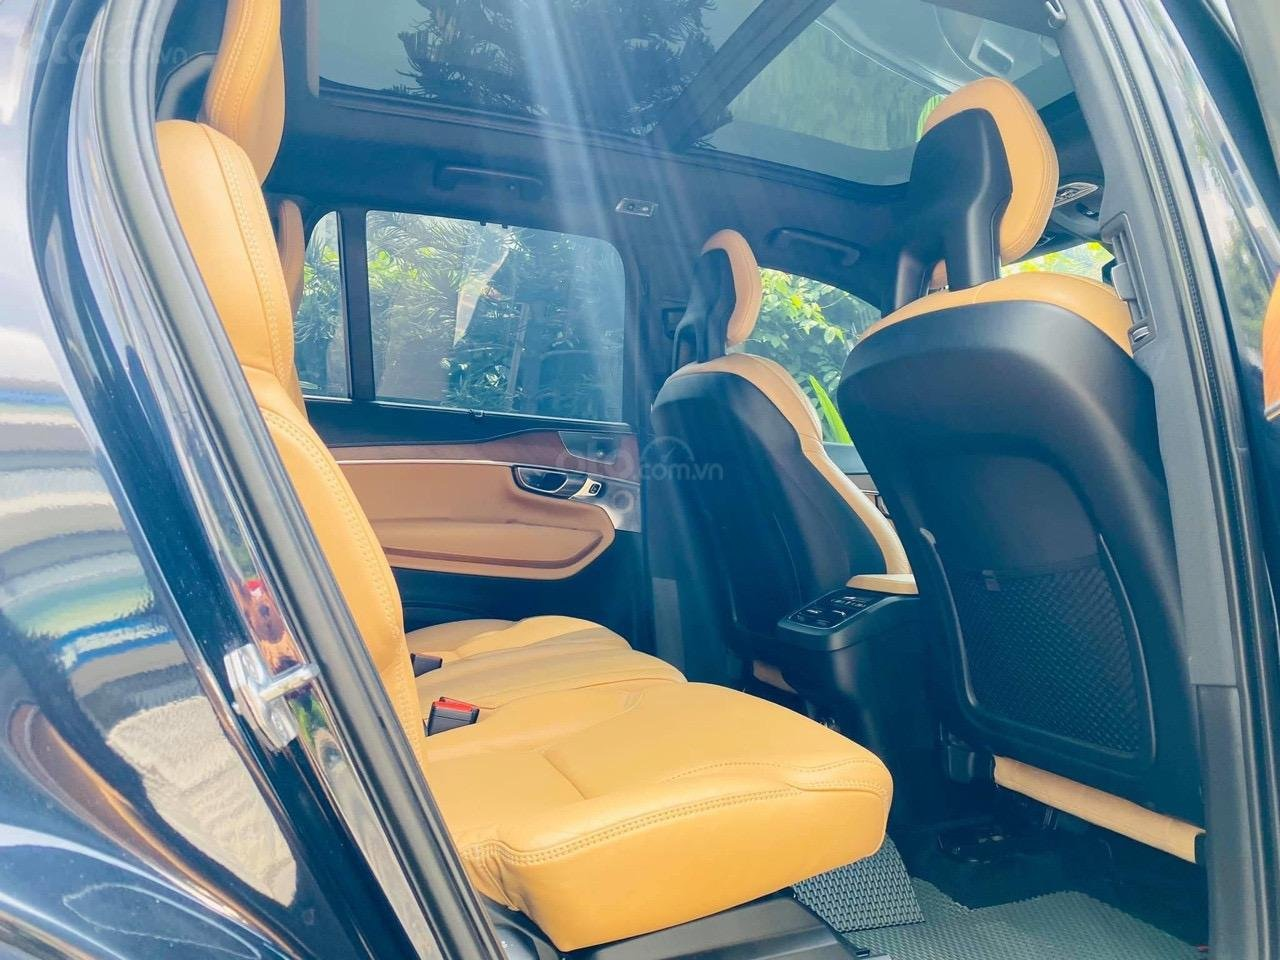 Bán ô tô Volvo XC90 2017 nhập khẩu Thuỵ Điển (6)